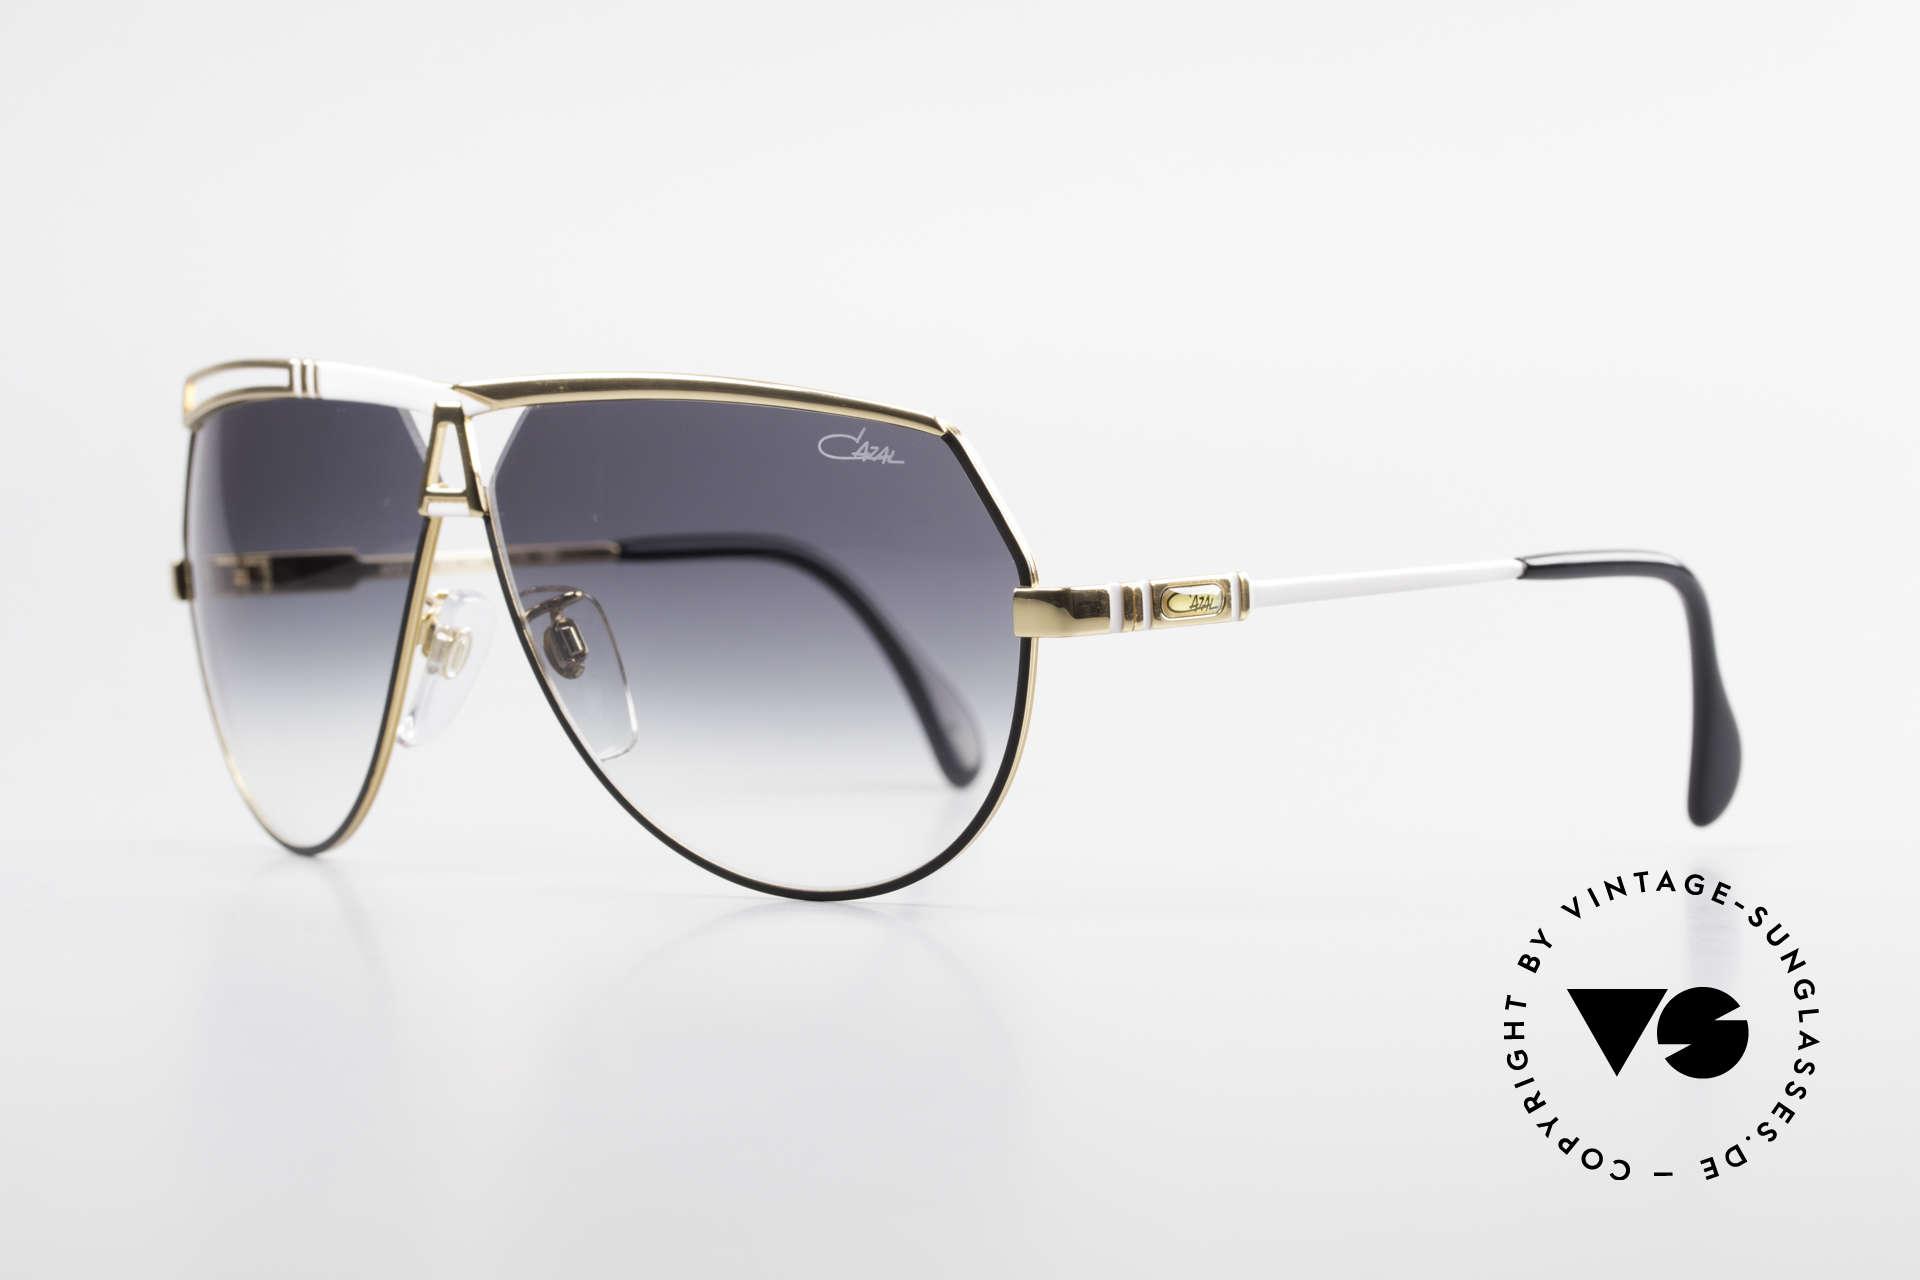 Cazal 954 Vintage Designer Sonnenbrille, Pilotenform mit großen Gläsern & toller Farbgestaltung, Passend für Herren und Damen